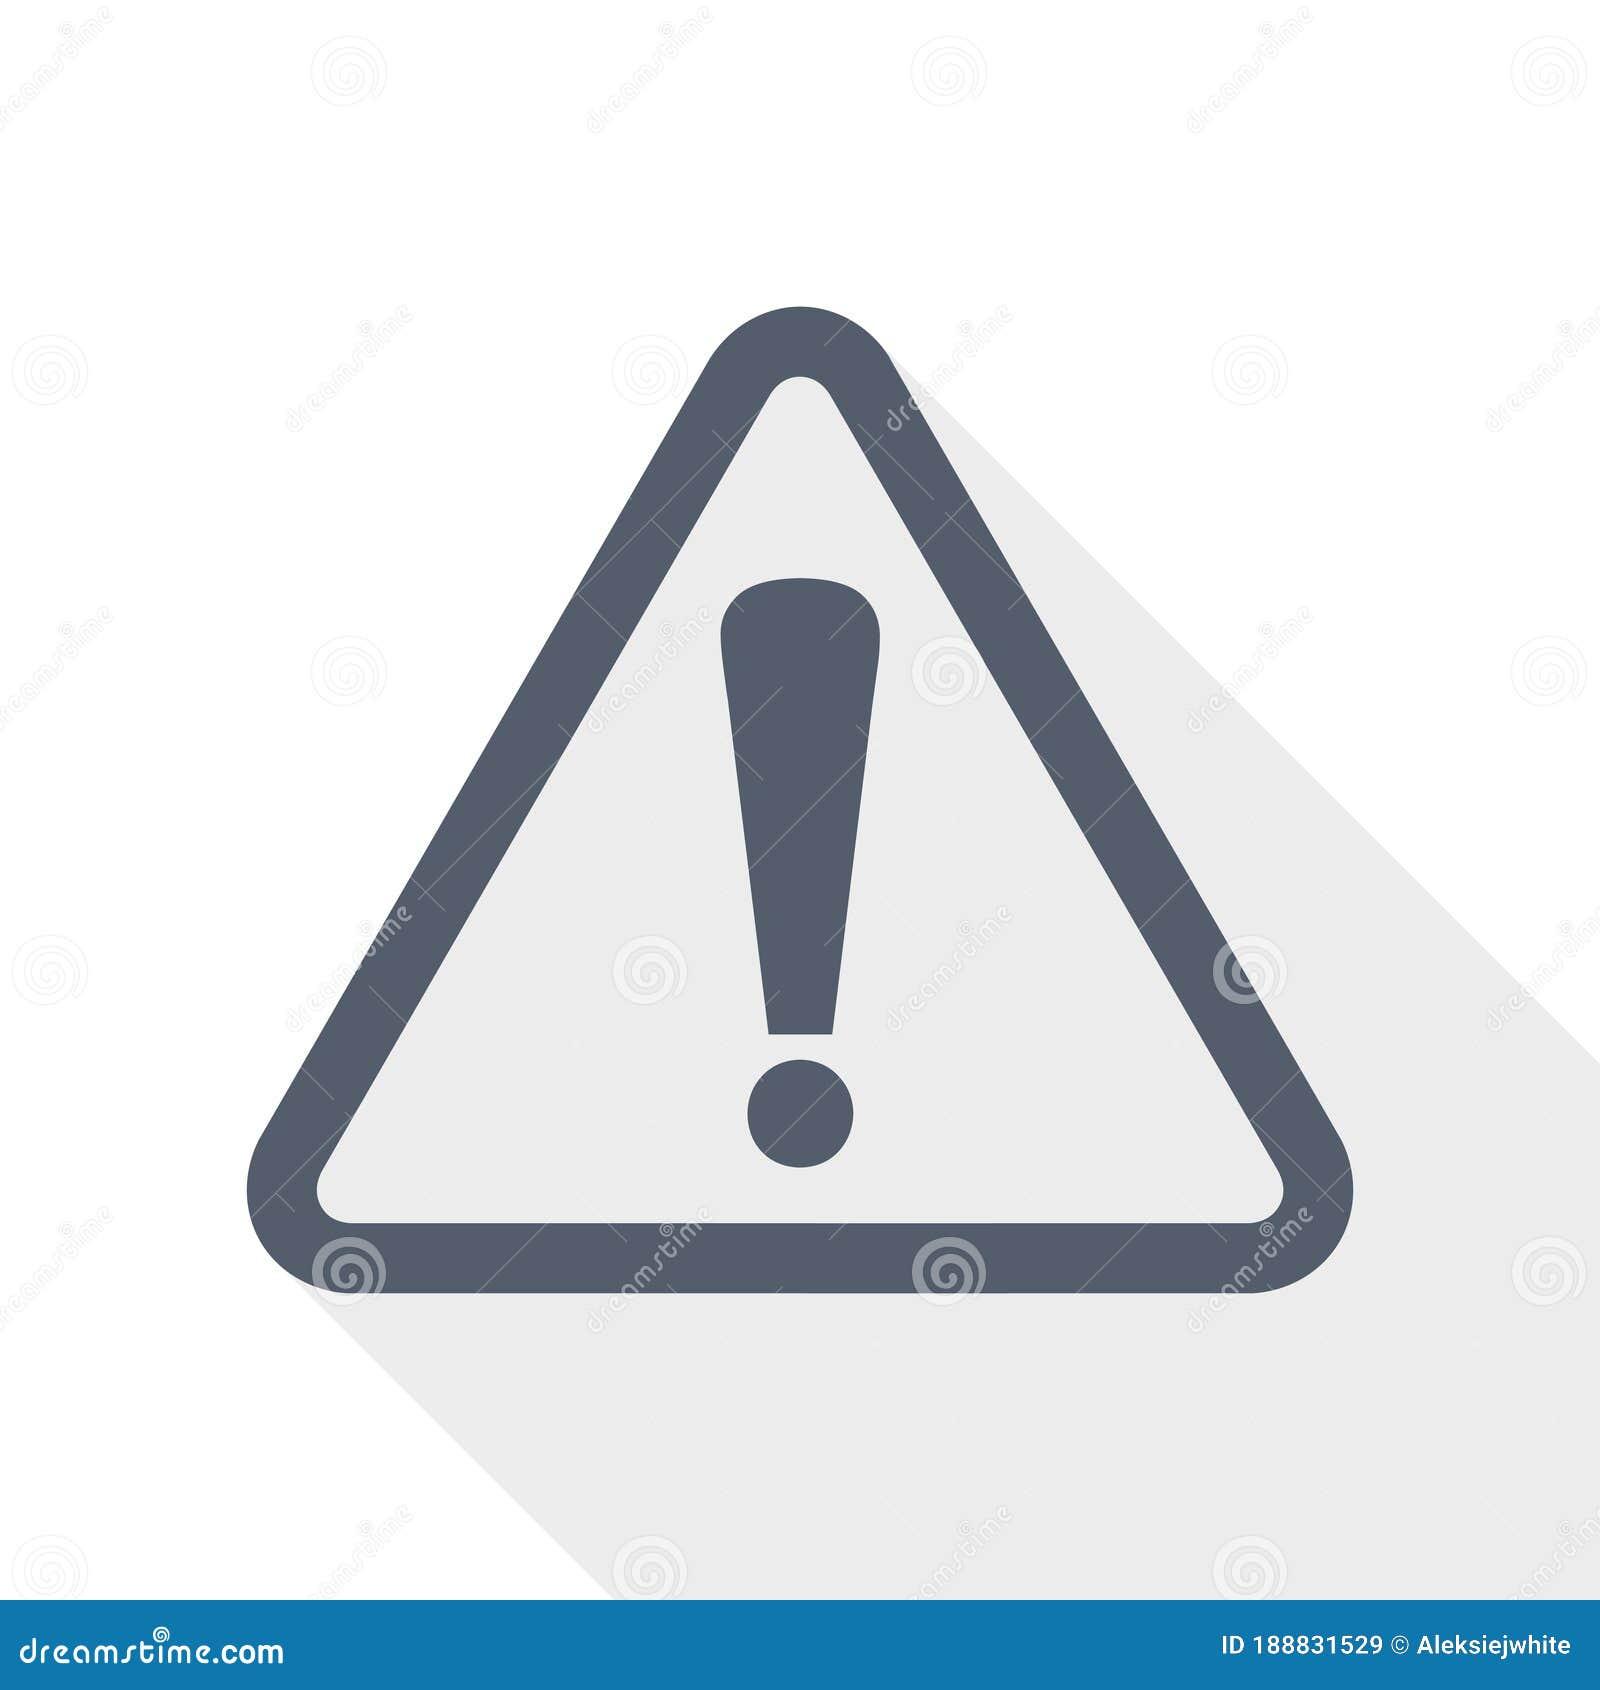 Warning Danger Icon Stock Illustrations – 10,10 Warning Danger ...